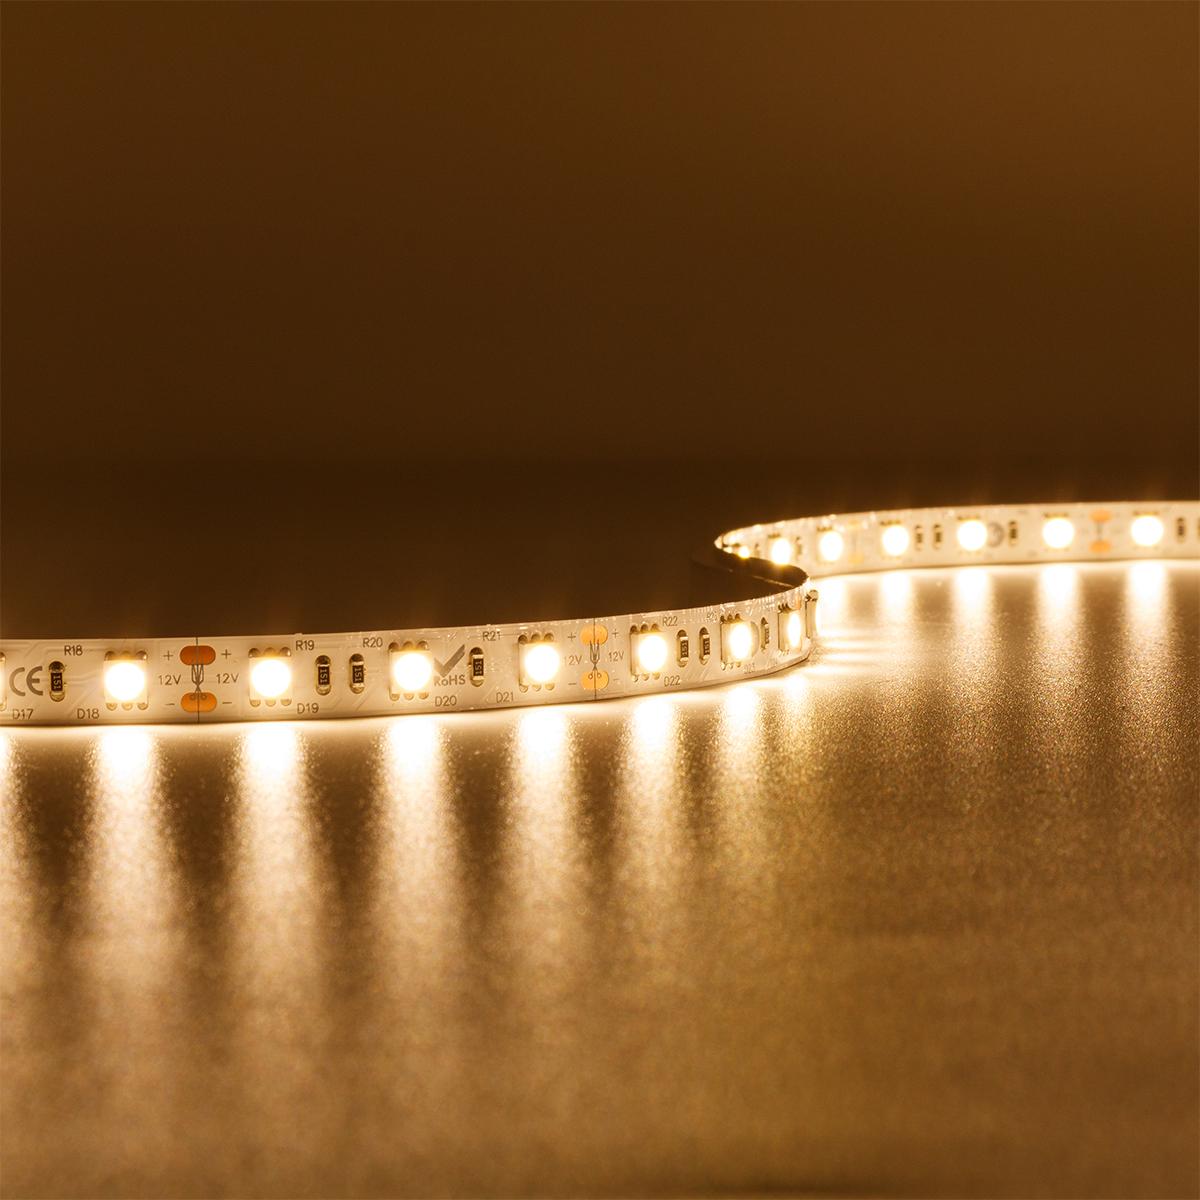 Strip Warmweiß 12V LED Streifen 5M 7,2W/m 30LED/m 10mm IP20 einfarbig 3000K